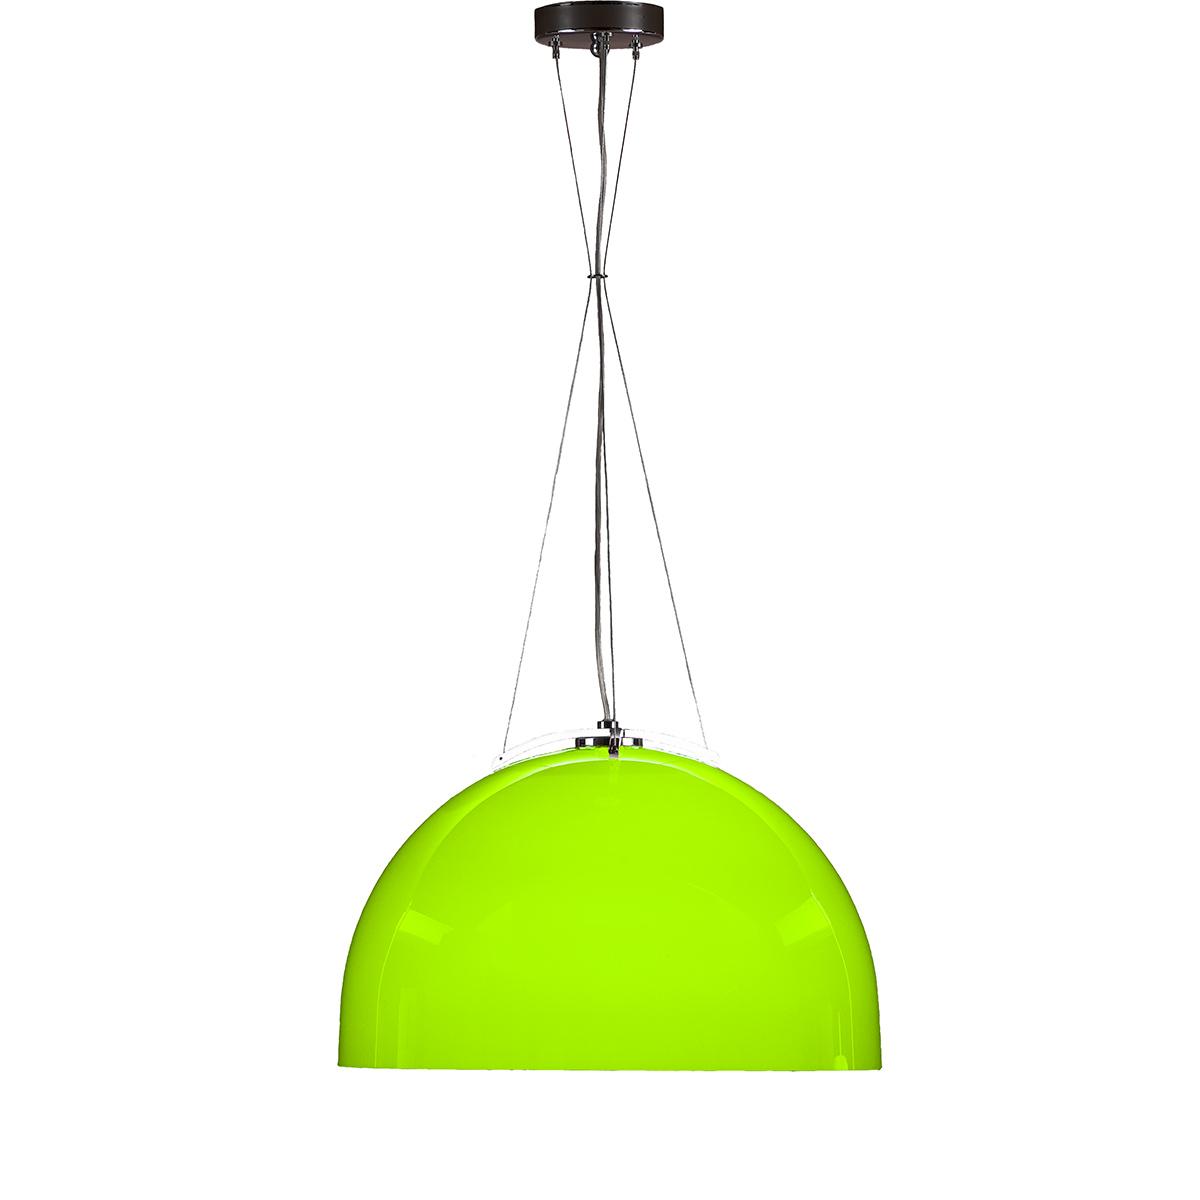 Φωτιστικό μονόφωτο Μουράνο πράσινο MARS modern green Murano suspension lamp